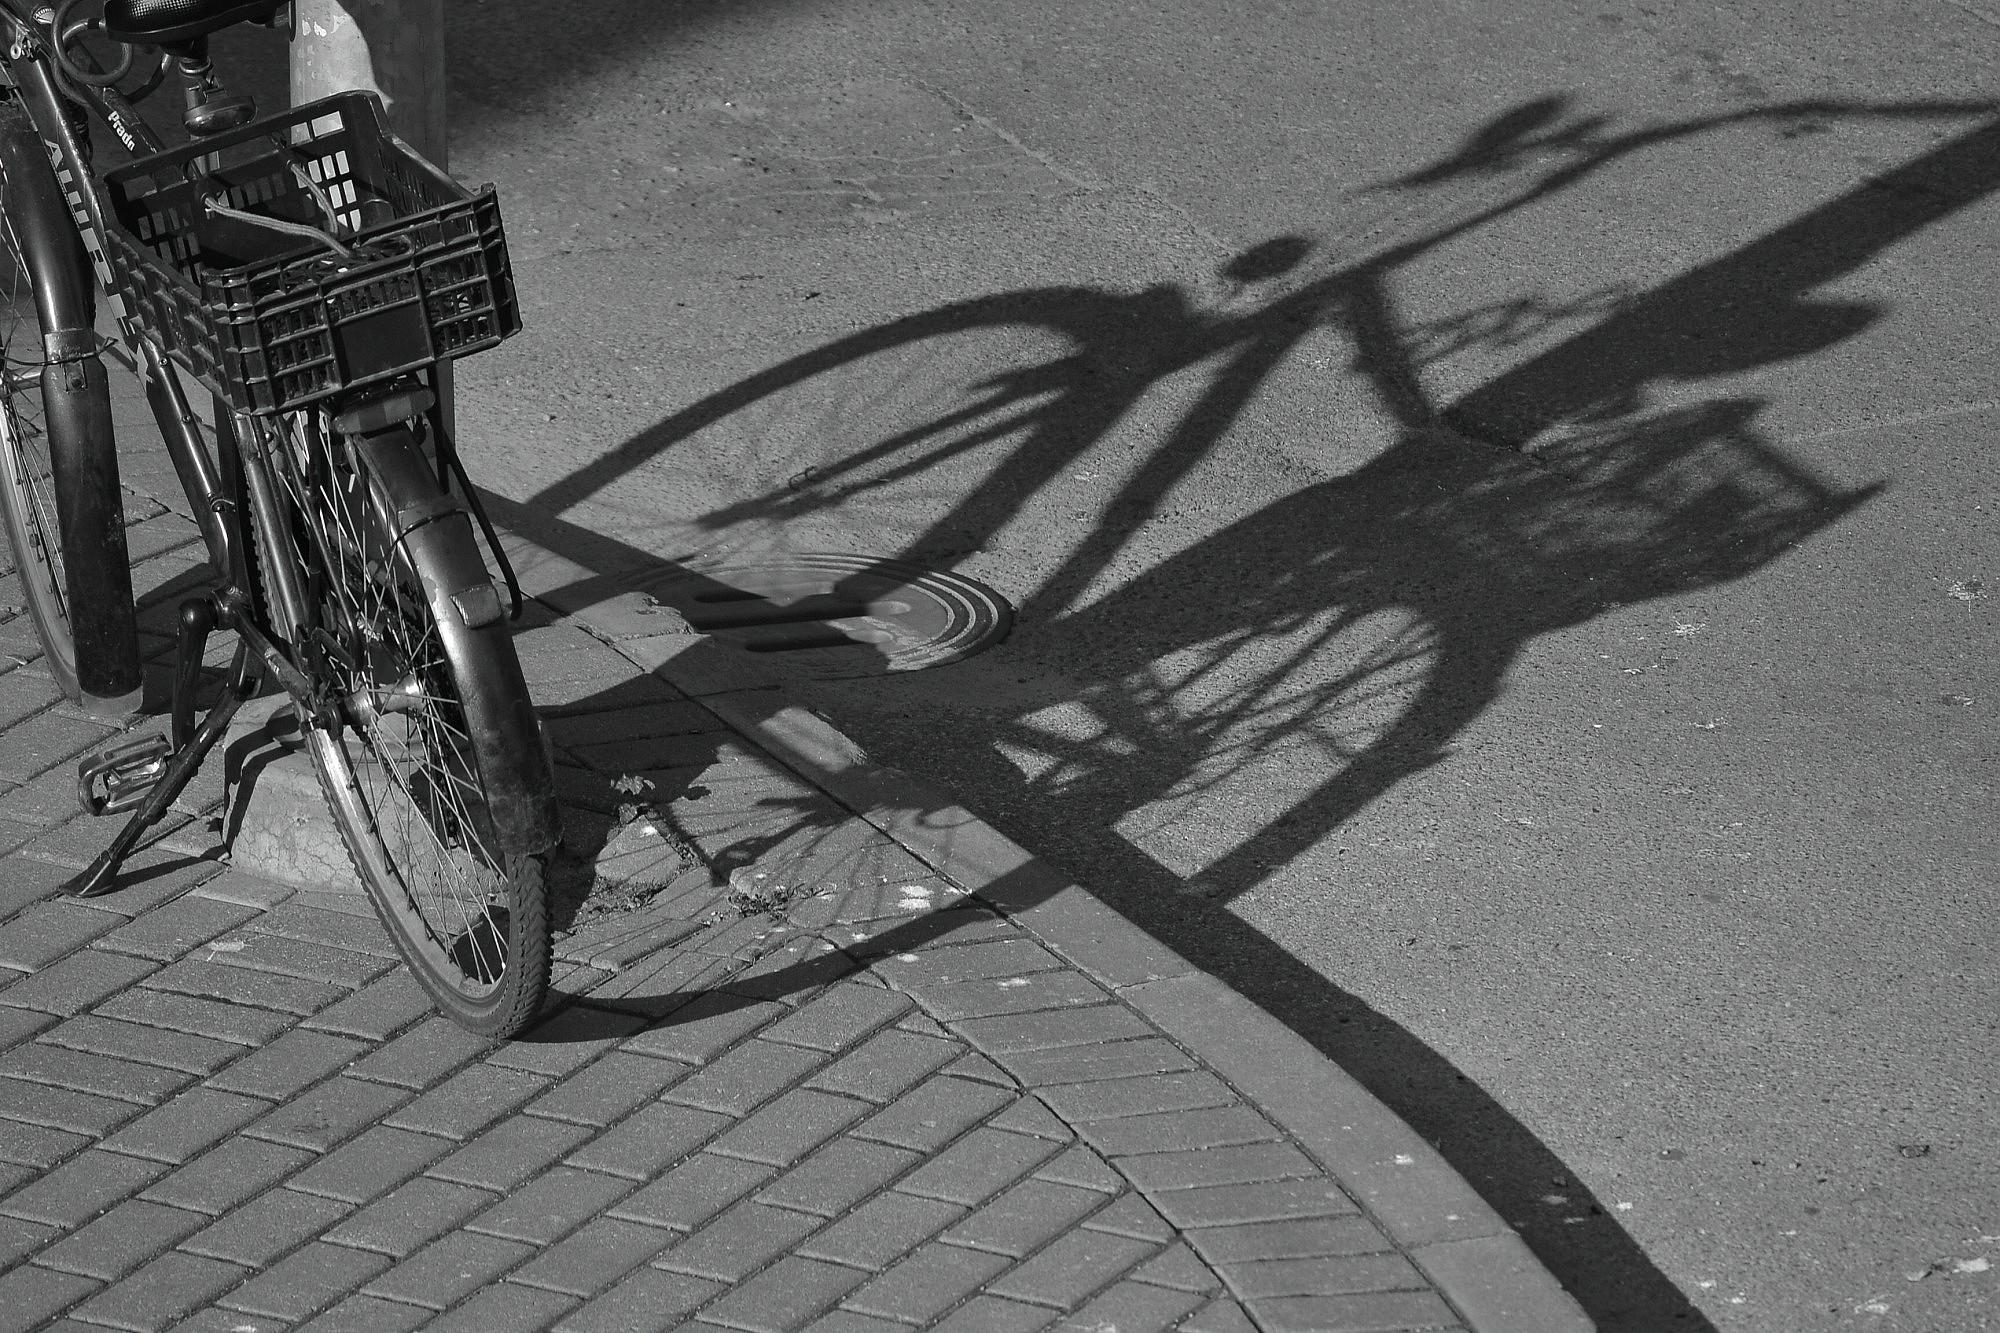 Gadumijā Liepājā cietuši divi cilvēki